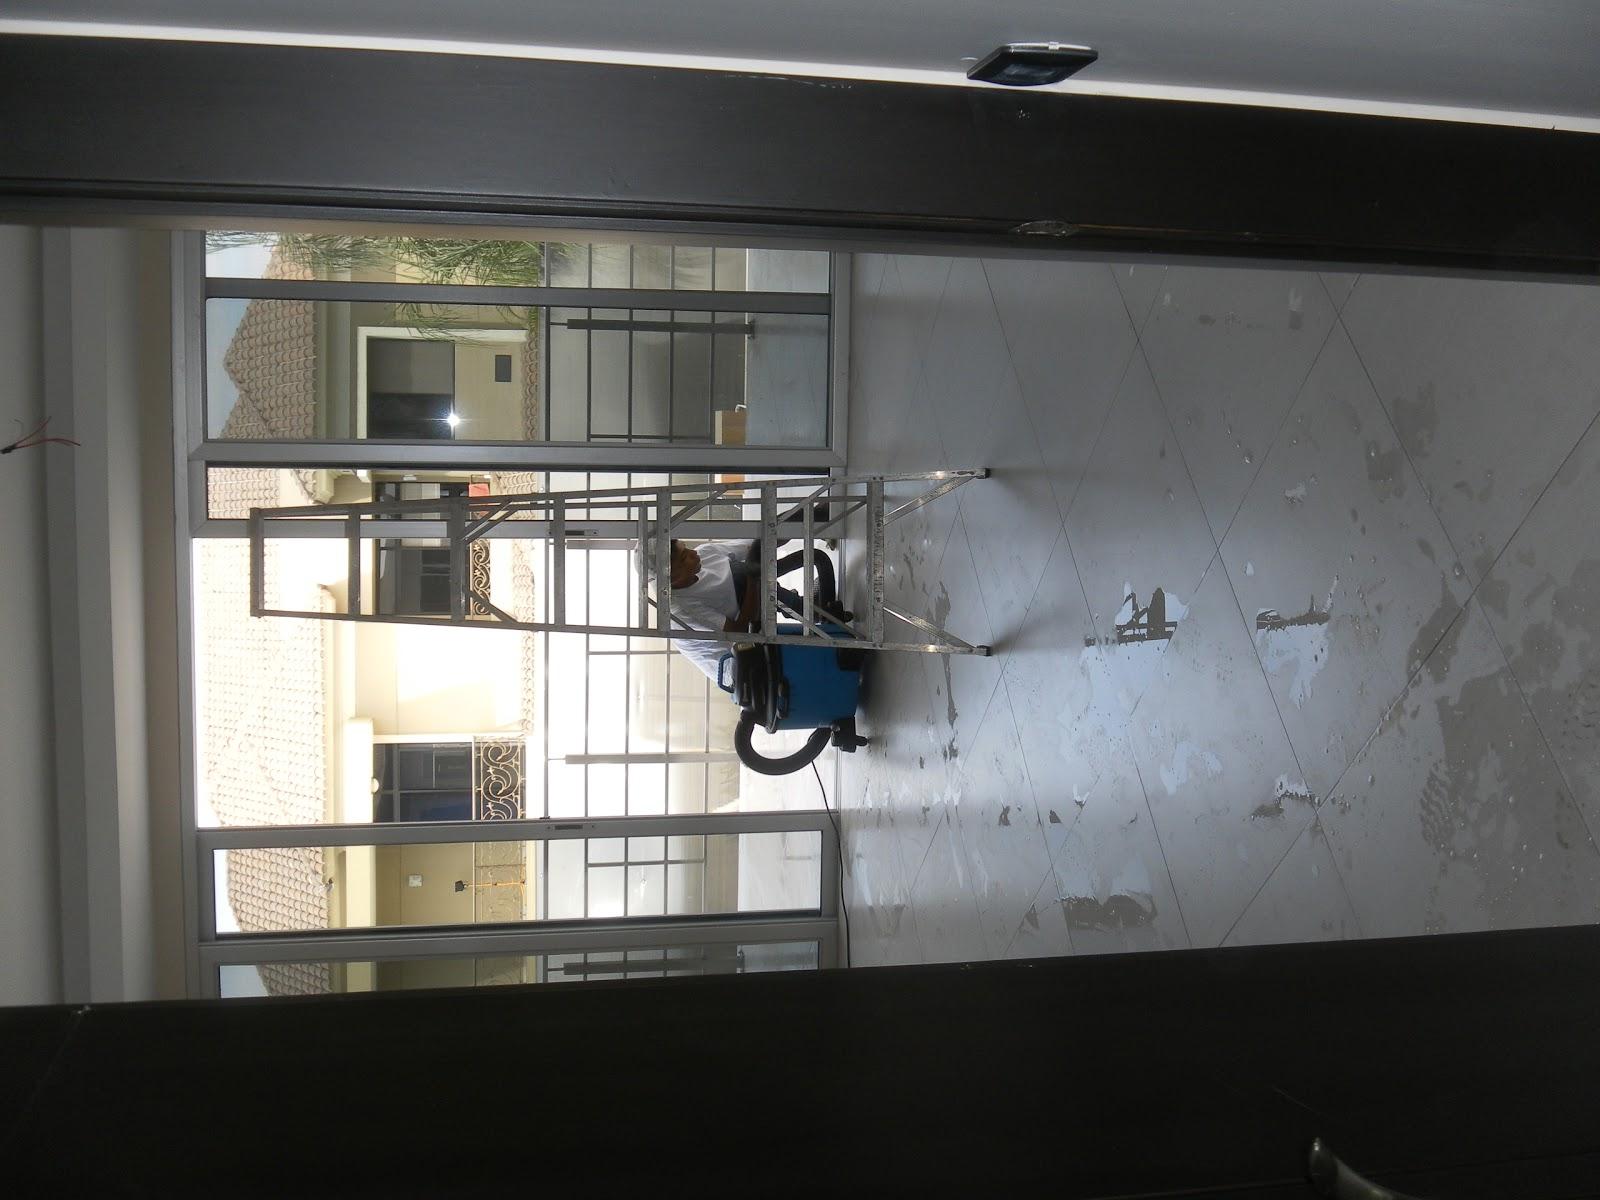 Servicio De Limpieza De Casa En Guayaquil Con Todas Las Maquinas  # Muebles Cevallos